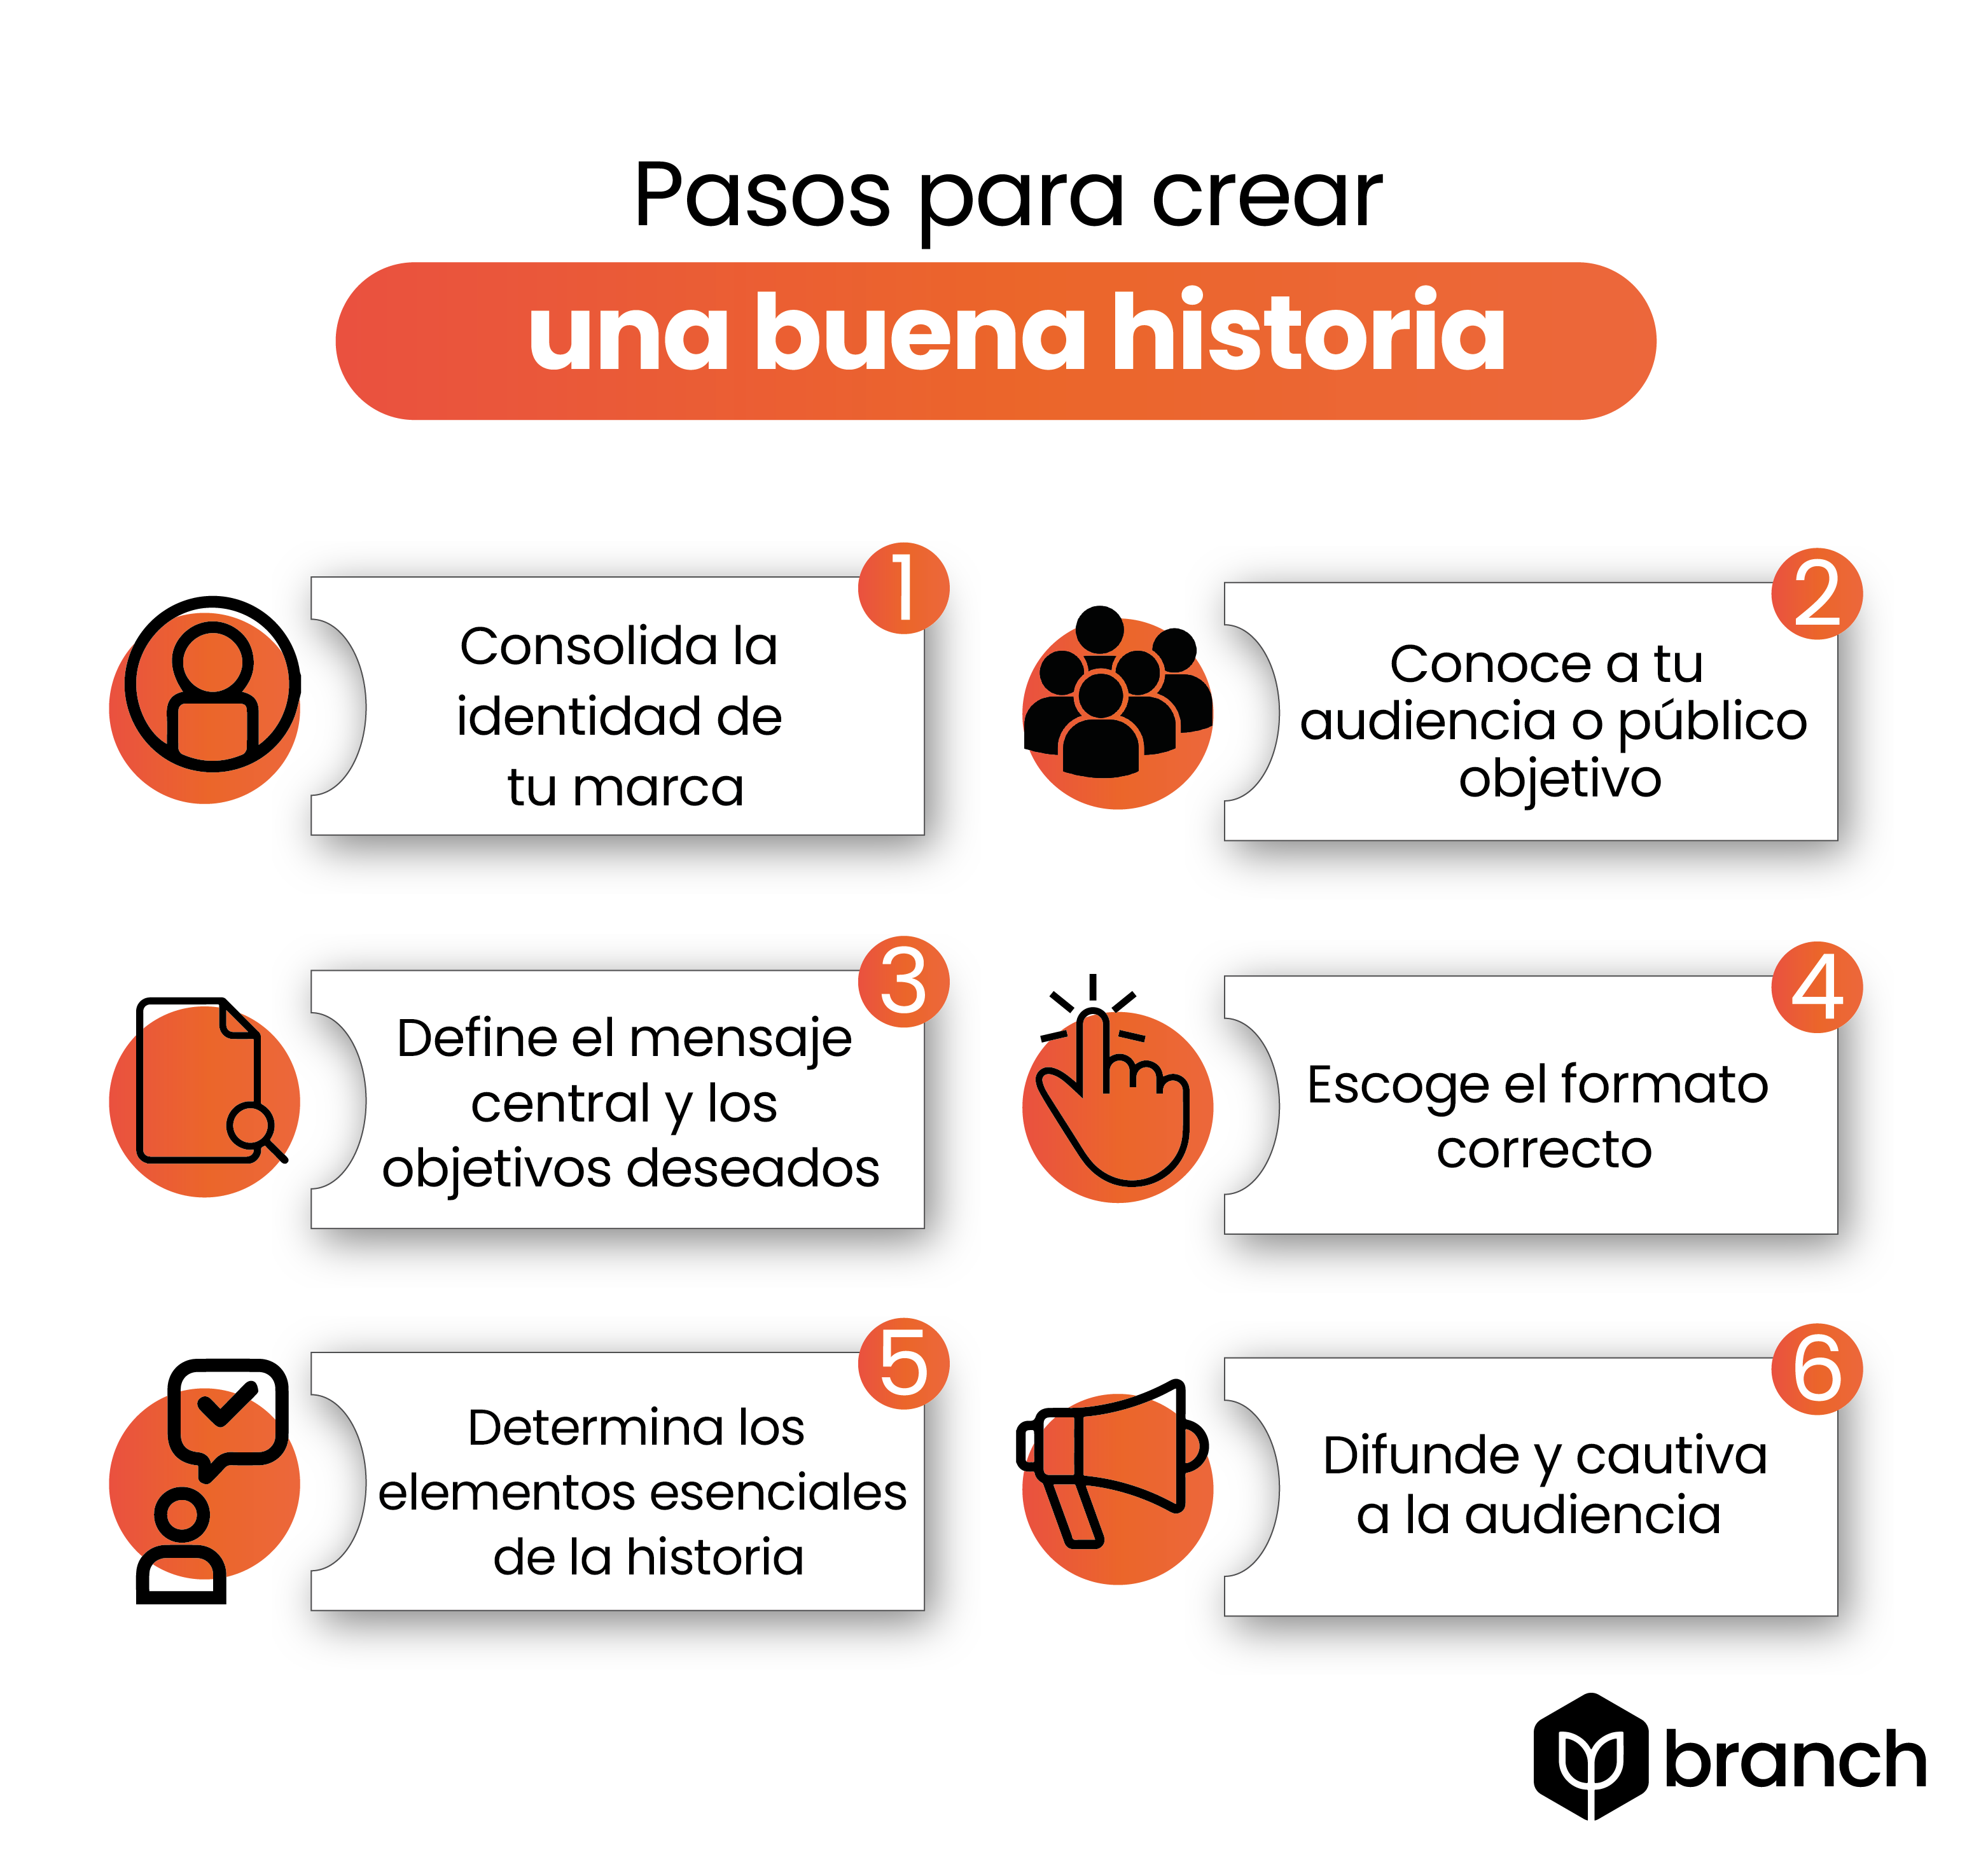 pasos-para-crear-una-buena-historia